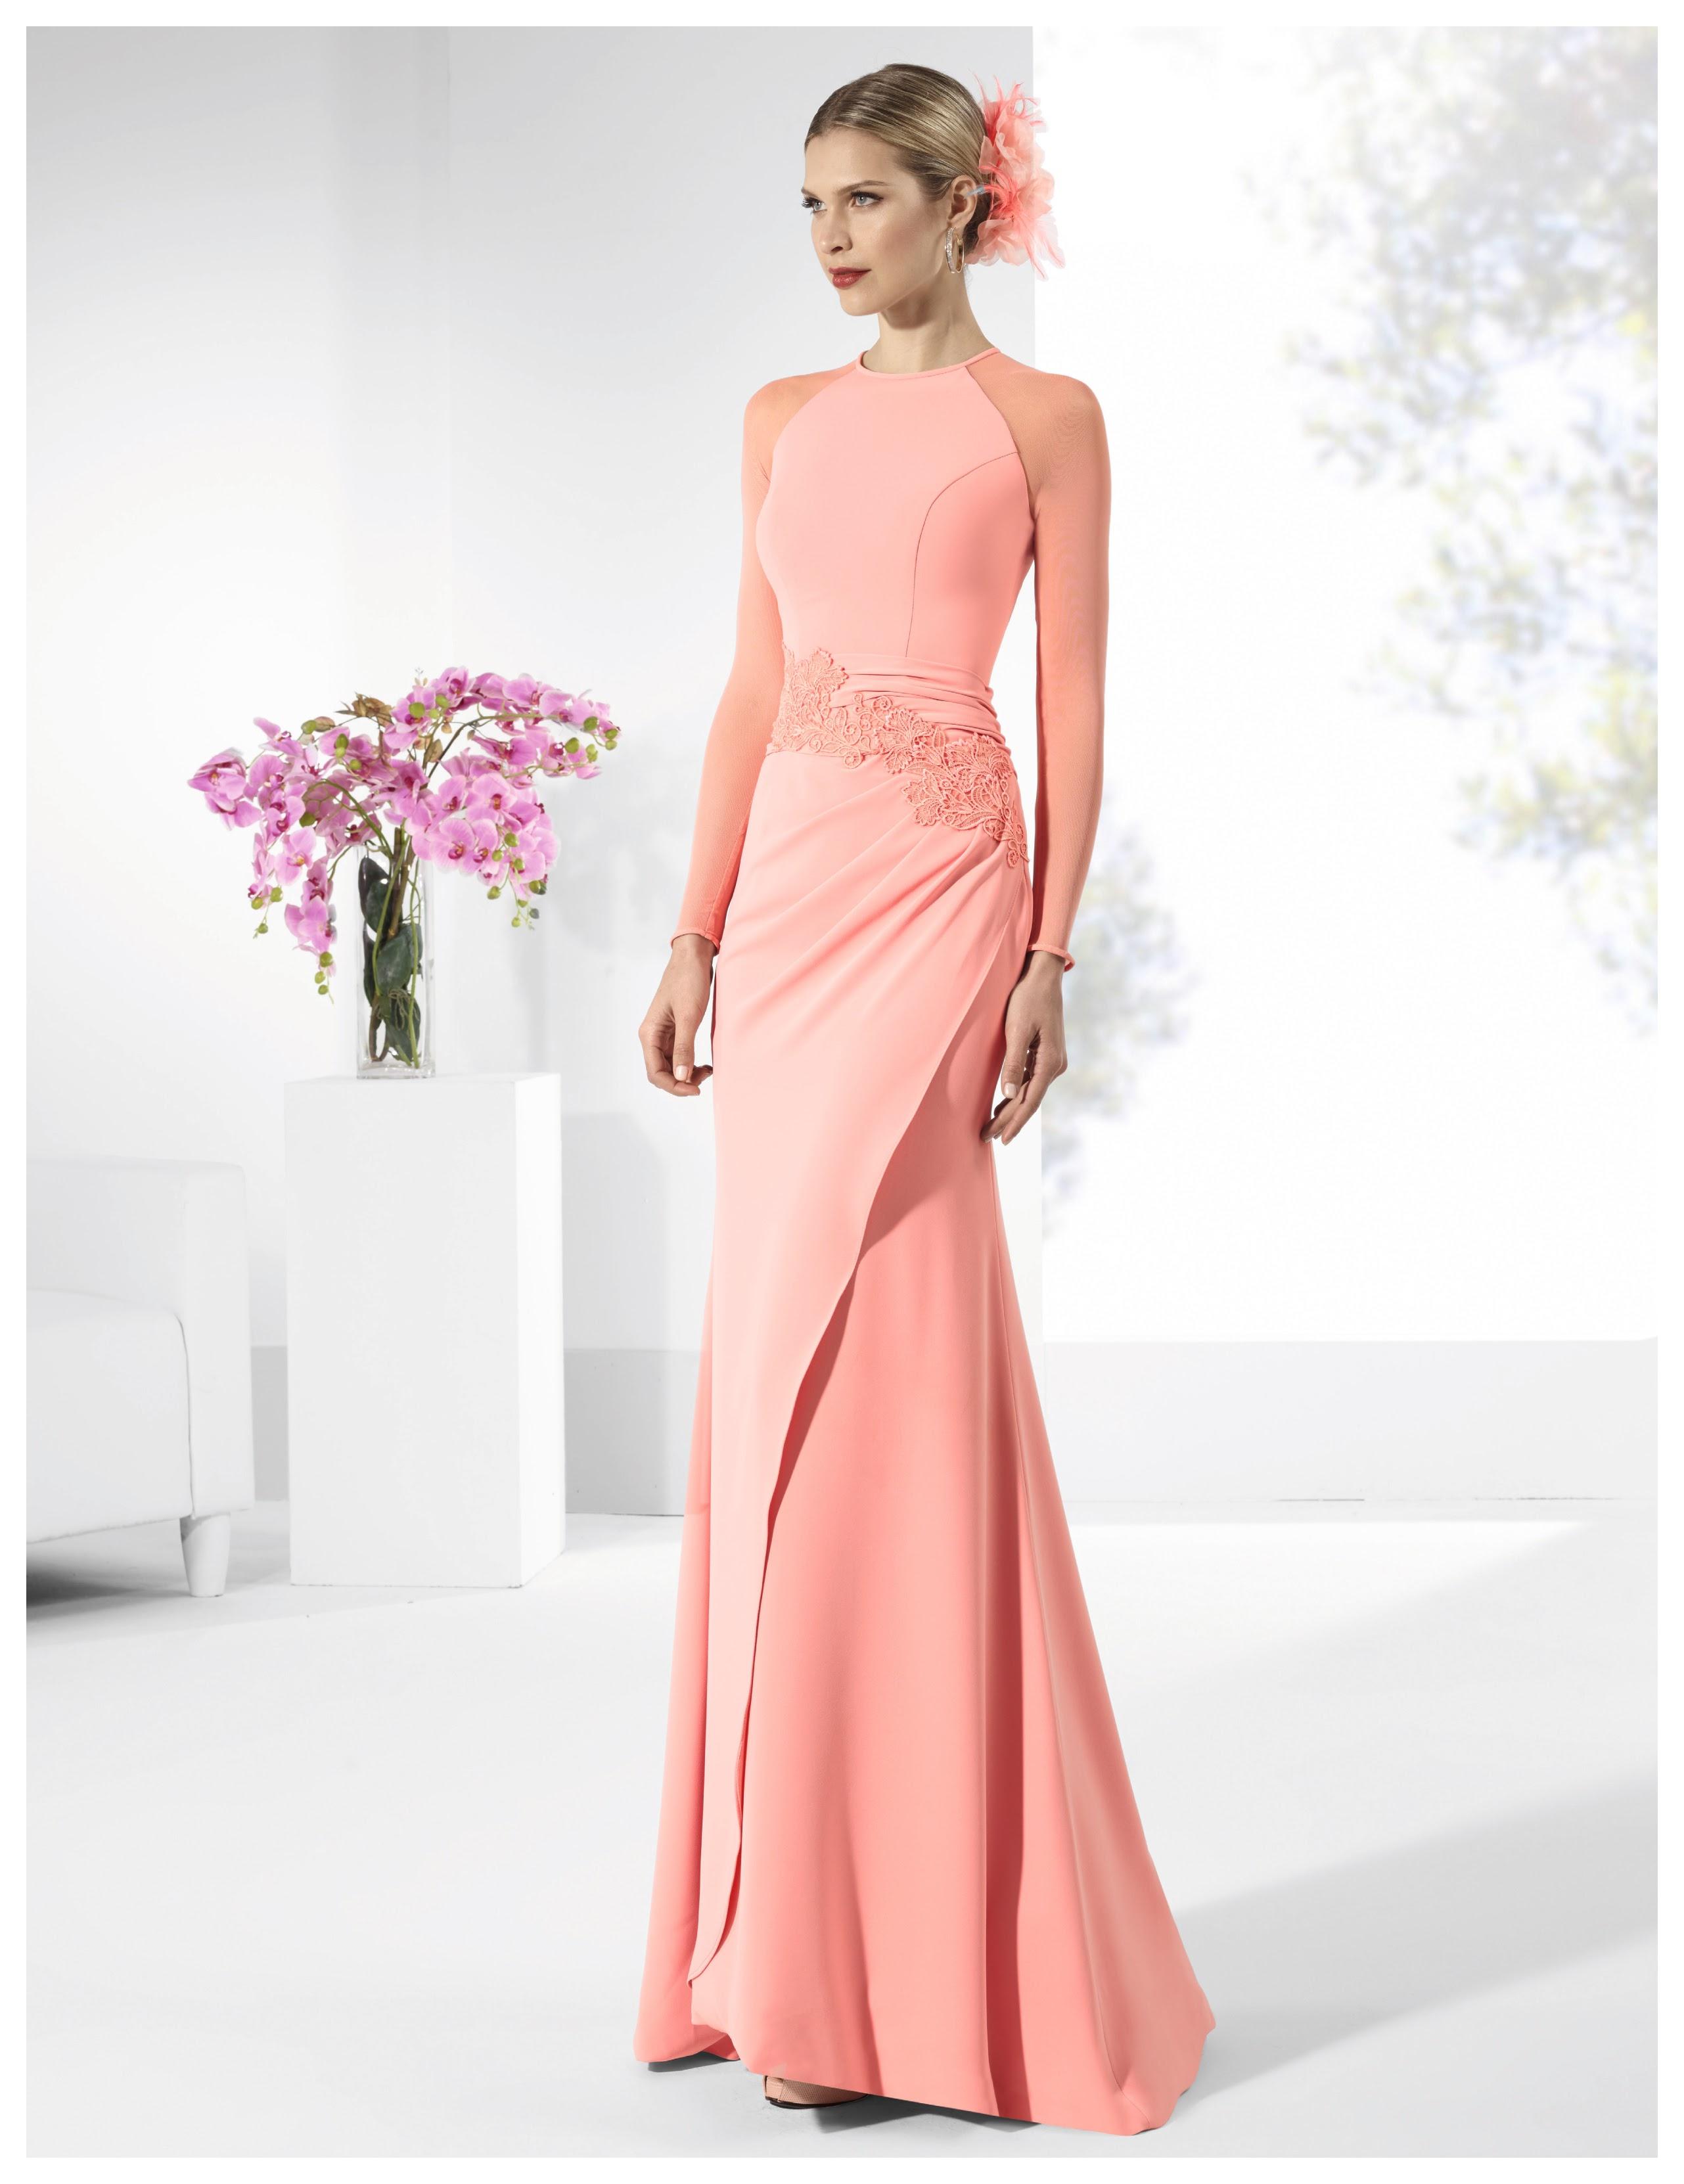 Moderno Vestidos De Novia Barnardos Bosquejo - Colección de Vestidos ...